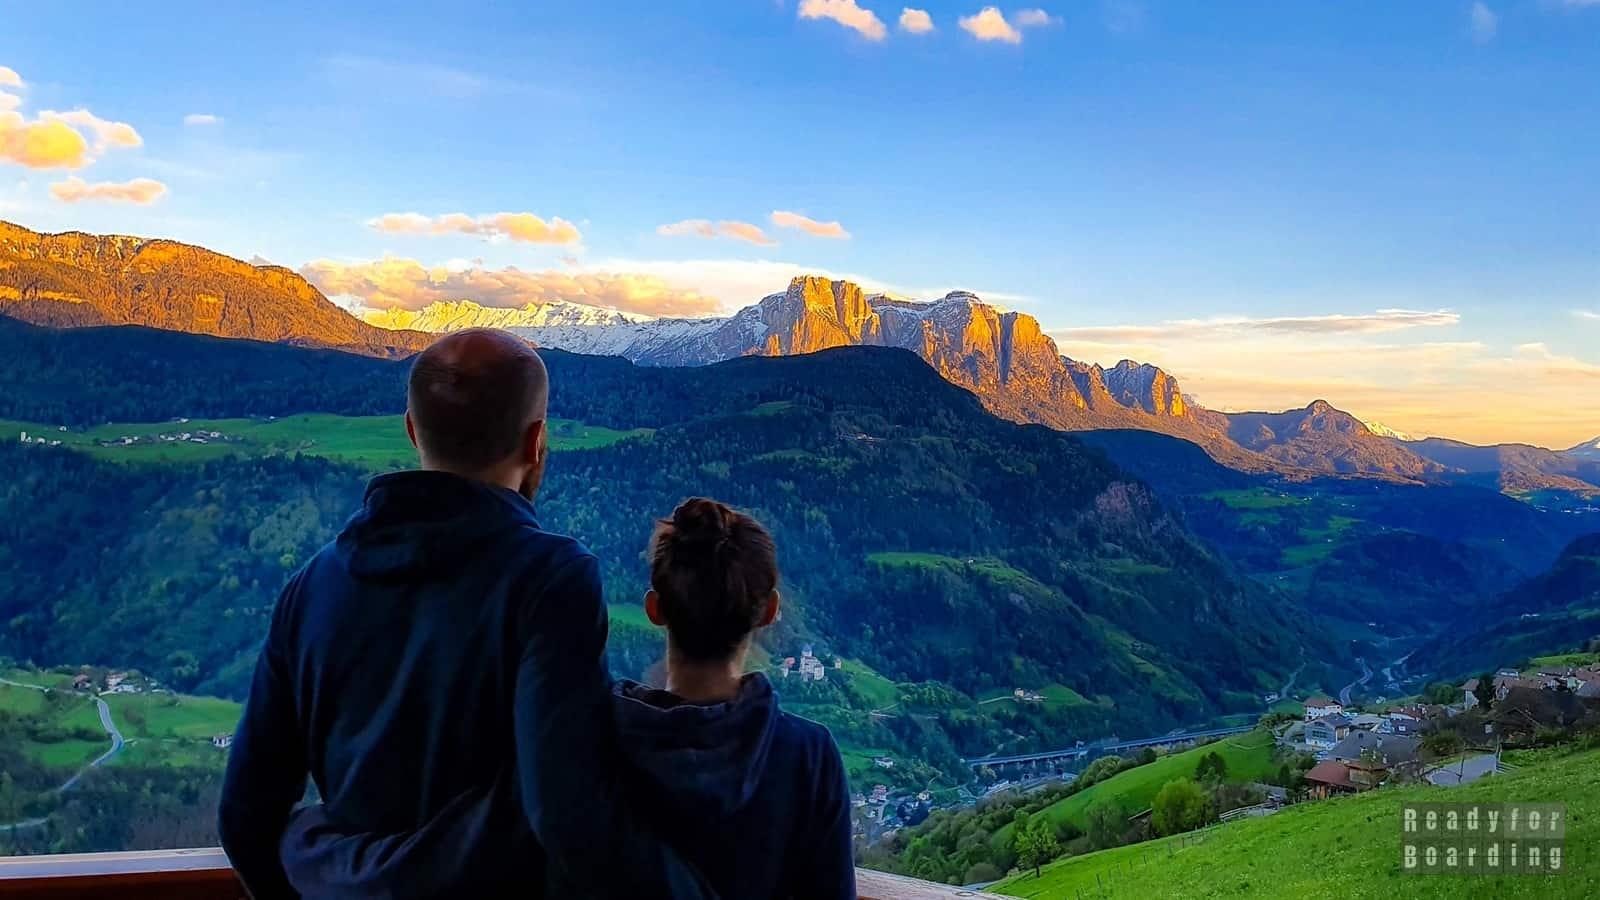 Roter Hahn - agroturystyka w Południowym Tyrolu (galeria zdjęć)